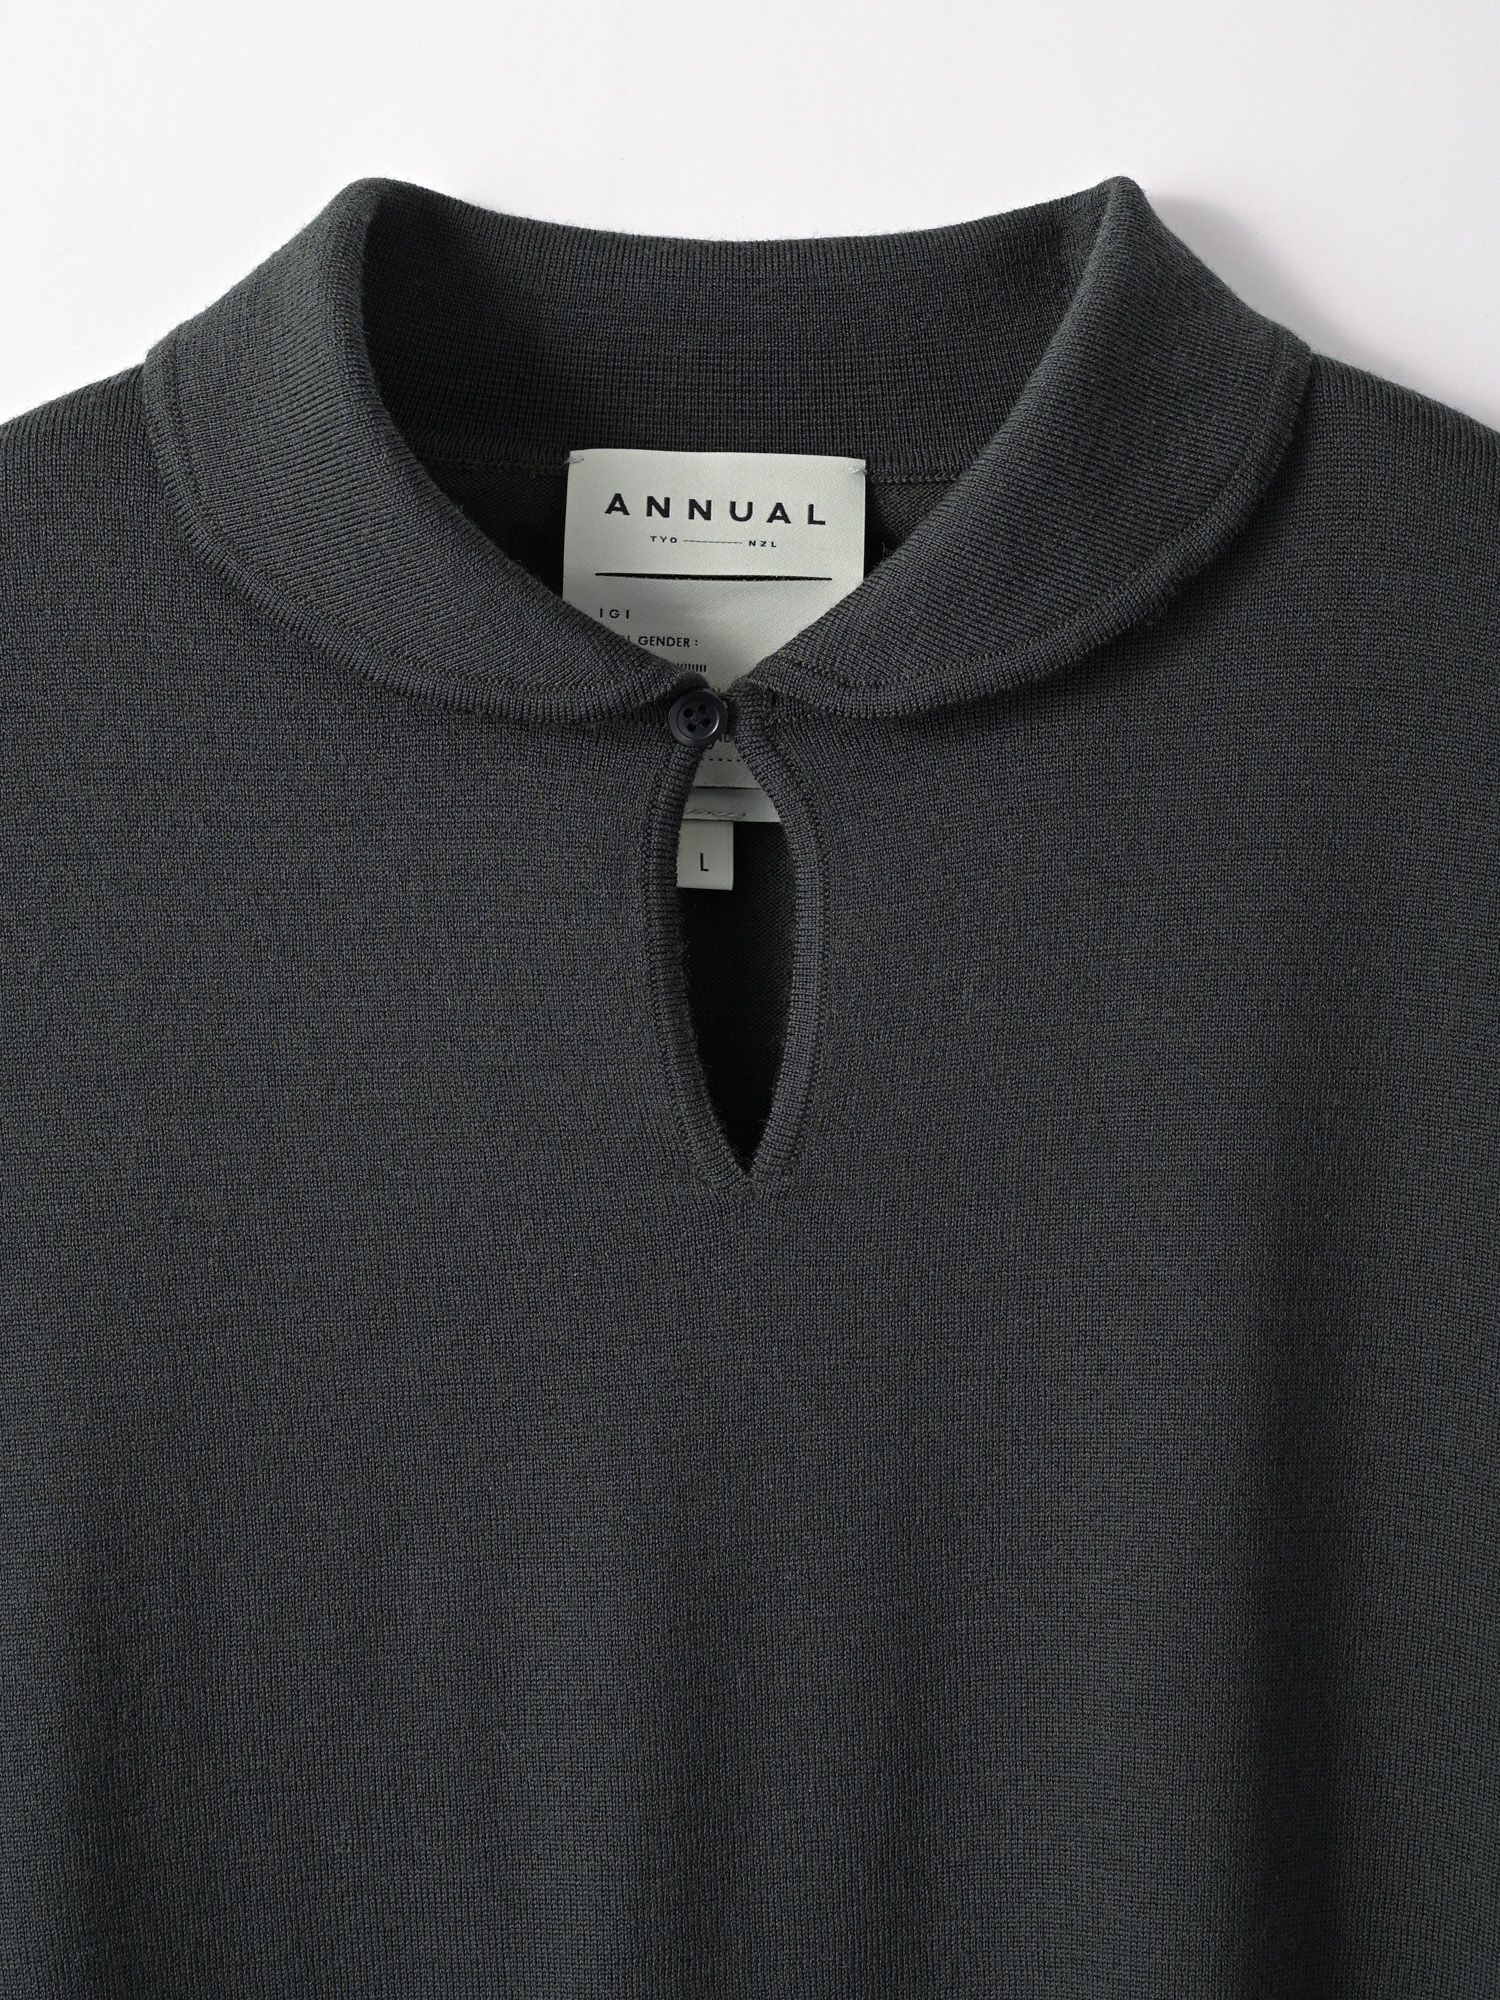 【予約】Smock knit shirtsのサムネイル8